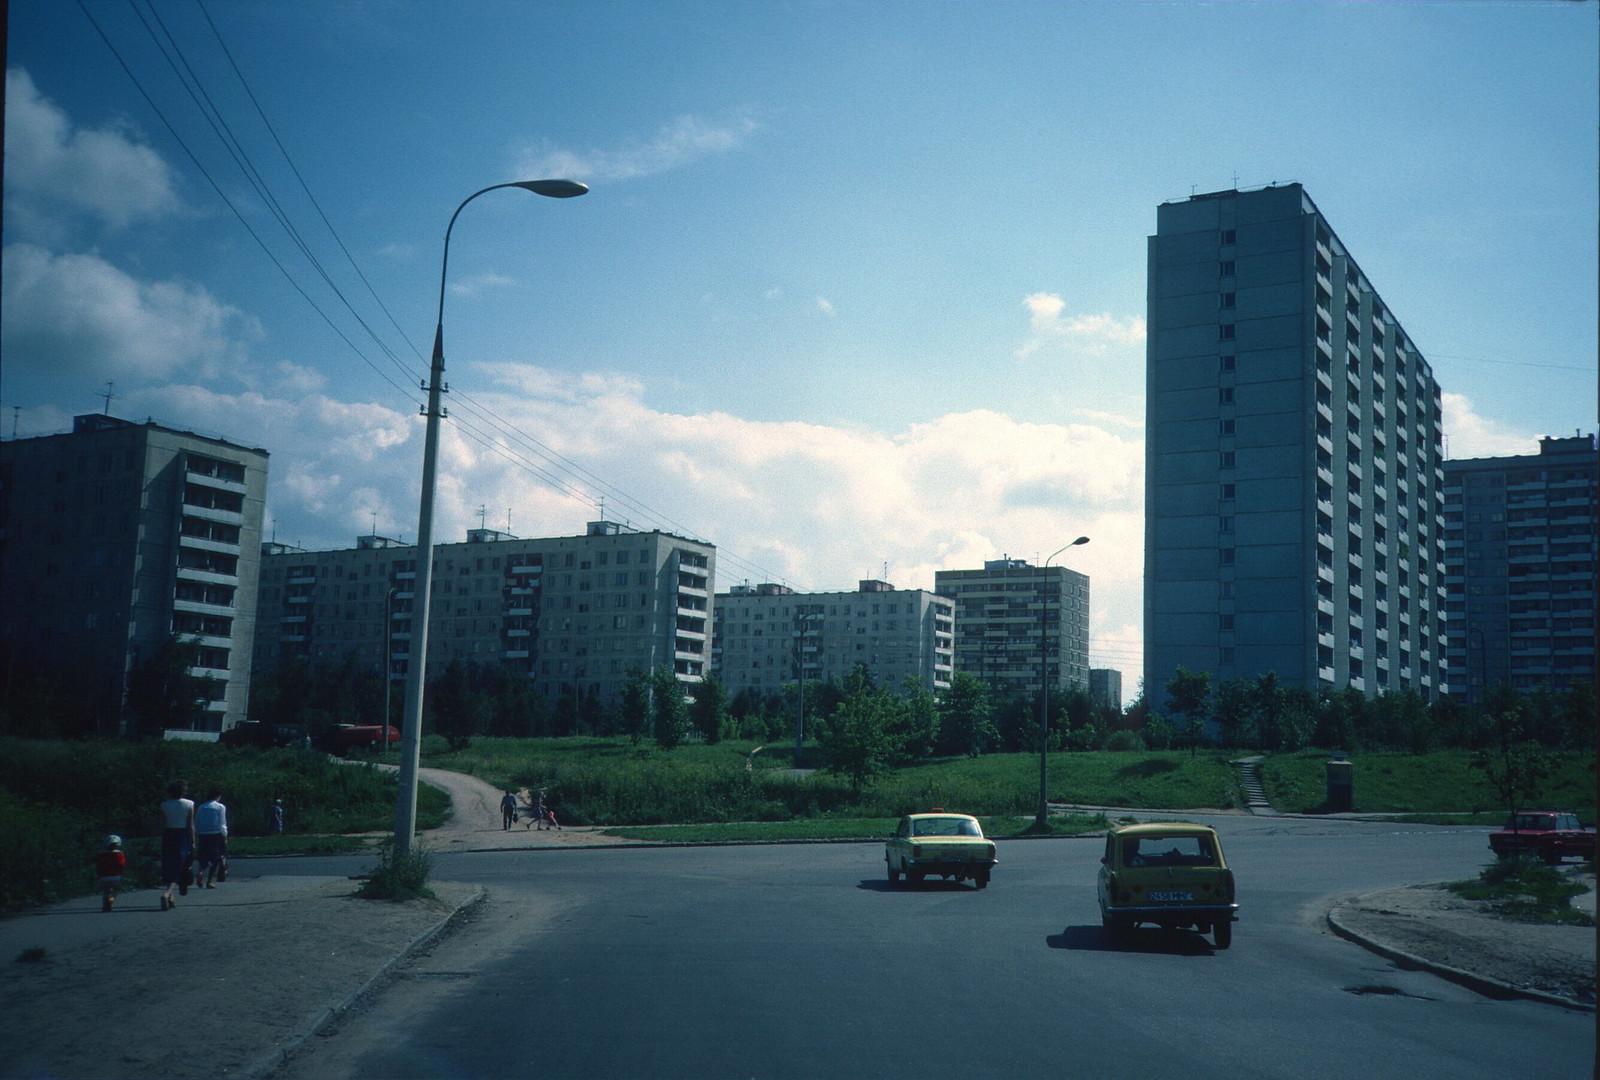 Матвеевское (2)